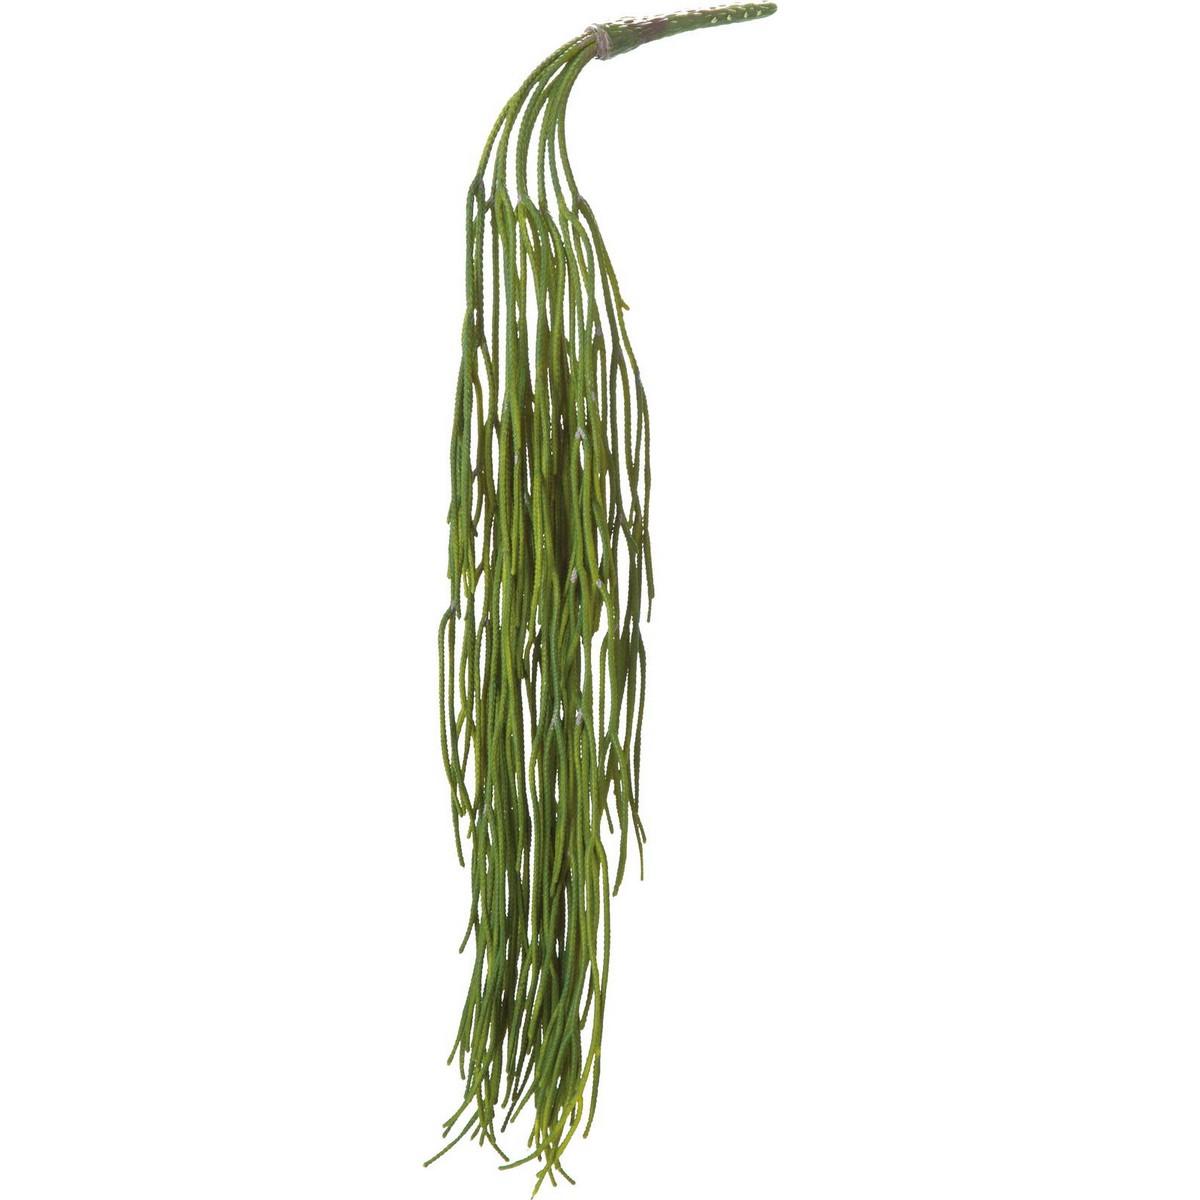 【造花】YDM/ミルクブッシュハンガー グリーン/GL-5189-GR【01】【01】【取寄】《 造花(アーティフィシャルフラワー) 造花葉物、フェイクグリーン その他の造花葉物・フェイクグリーン 》